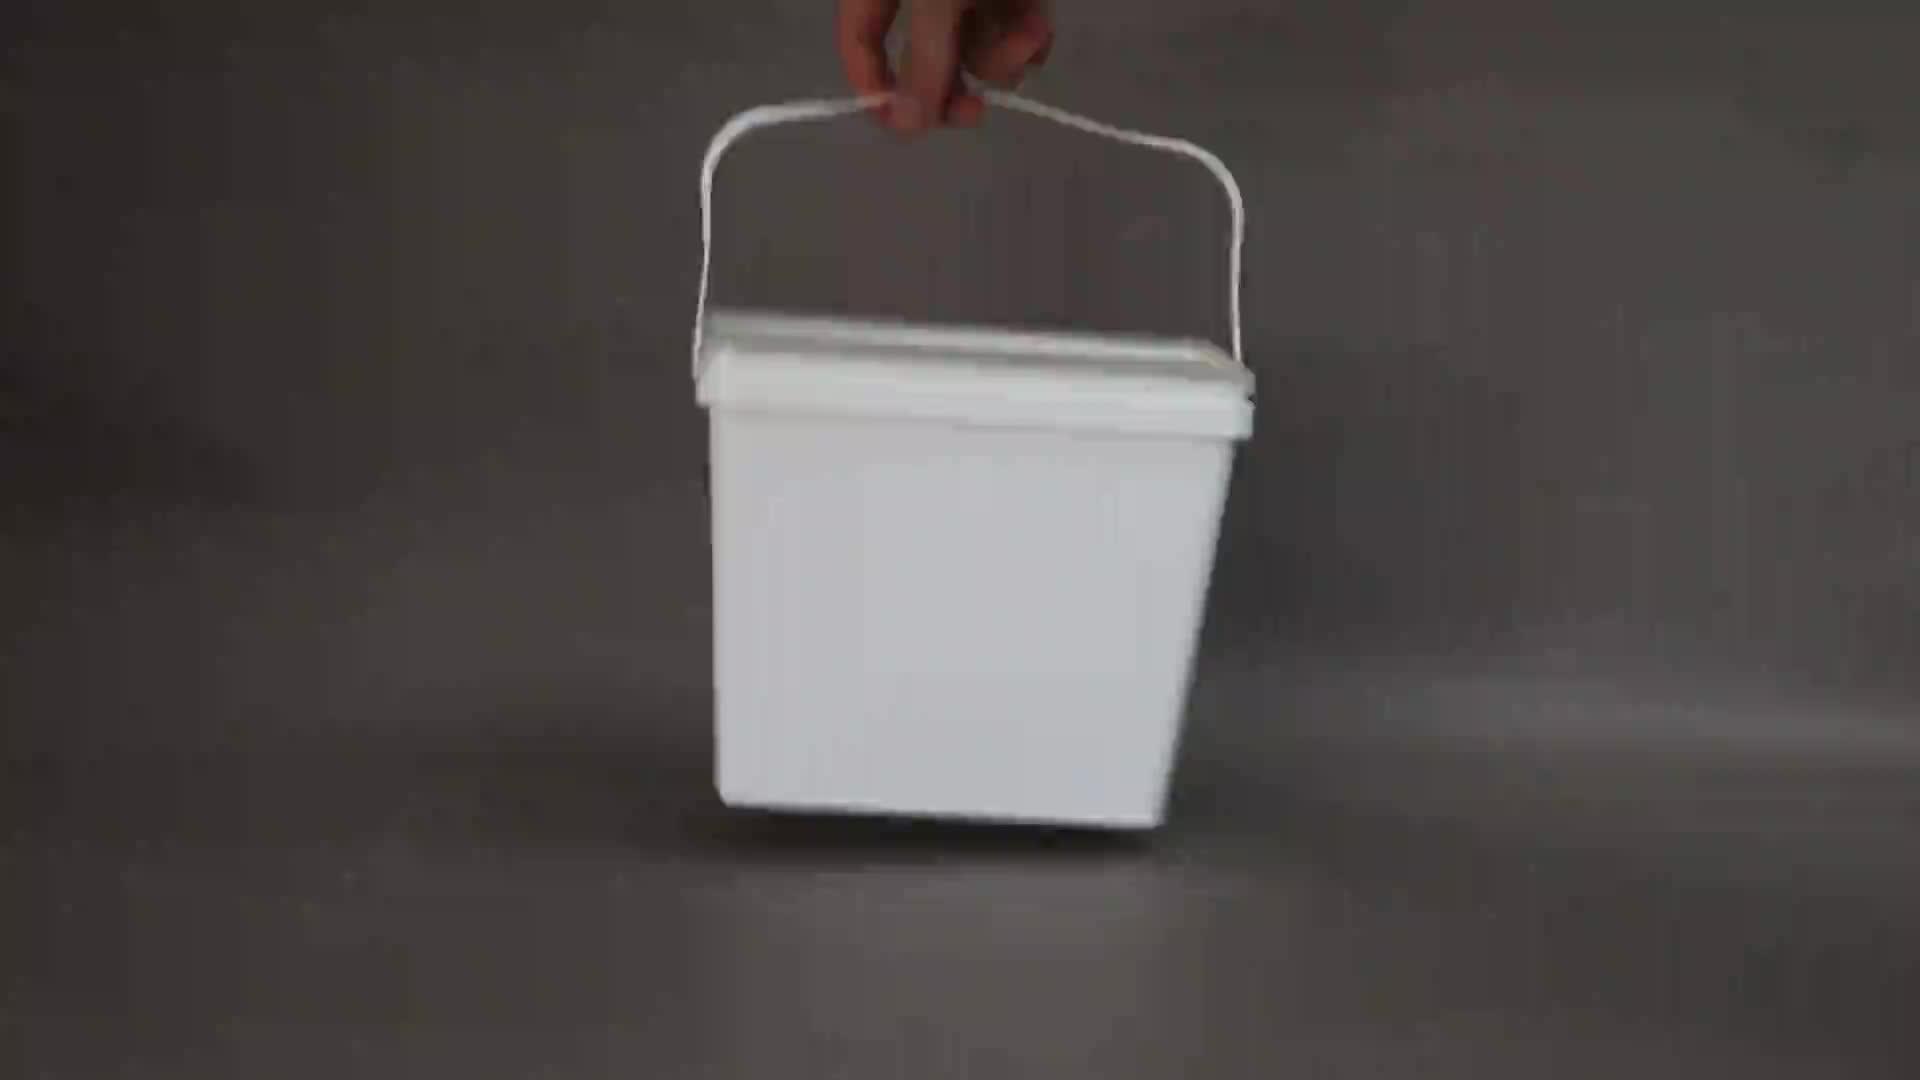 Beyaz 4 litre kare plastik tutkal yağı kova kapaklı, boya plastik kova